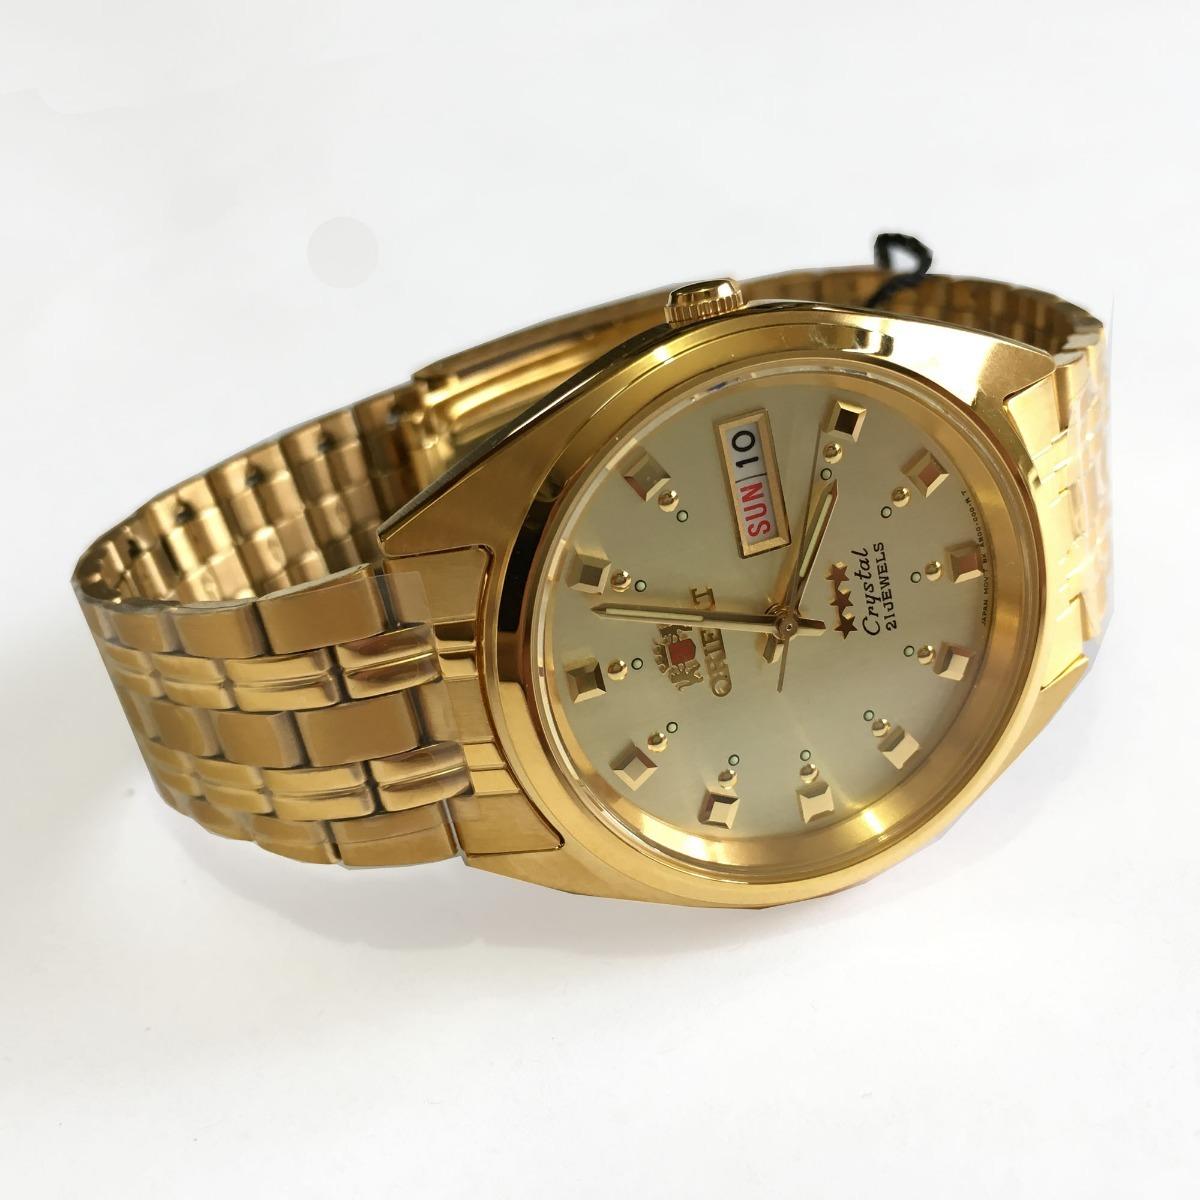 e7b9239b856 relógio orient automatico masculino dourado original c caixa. Carregando  zoom.